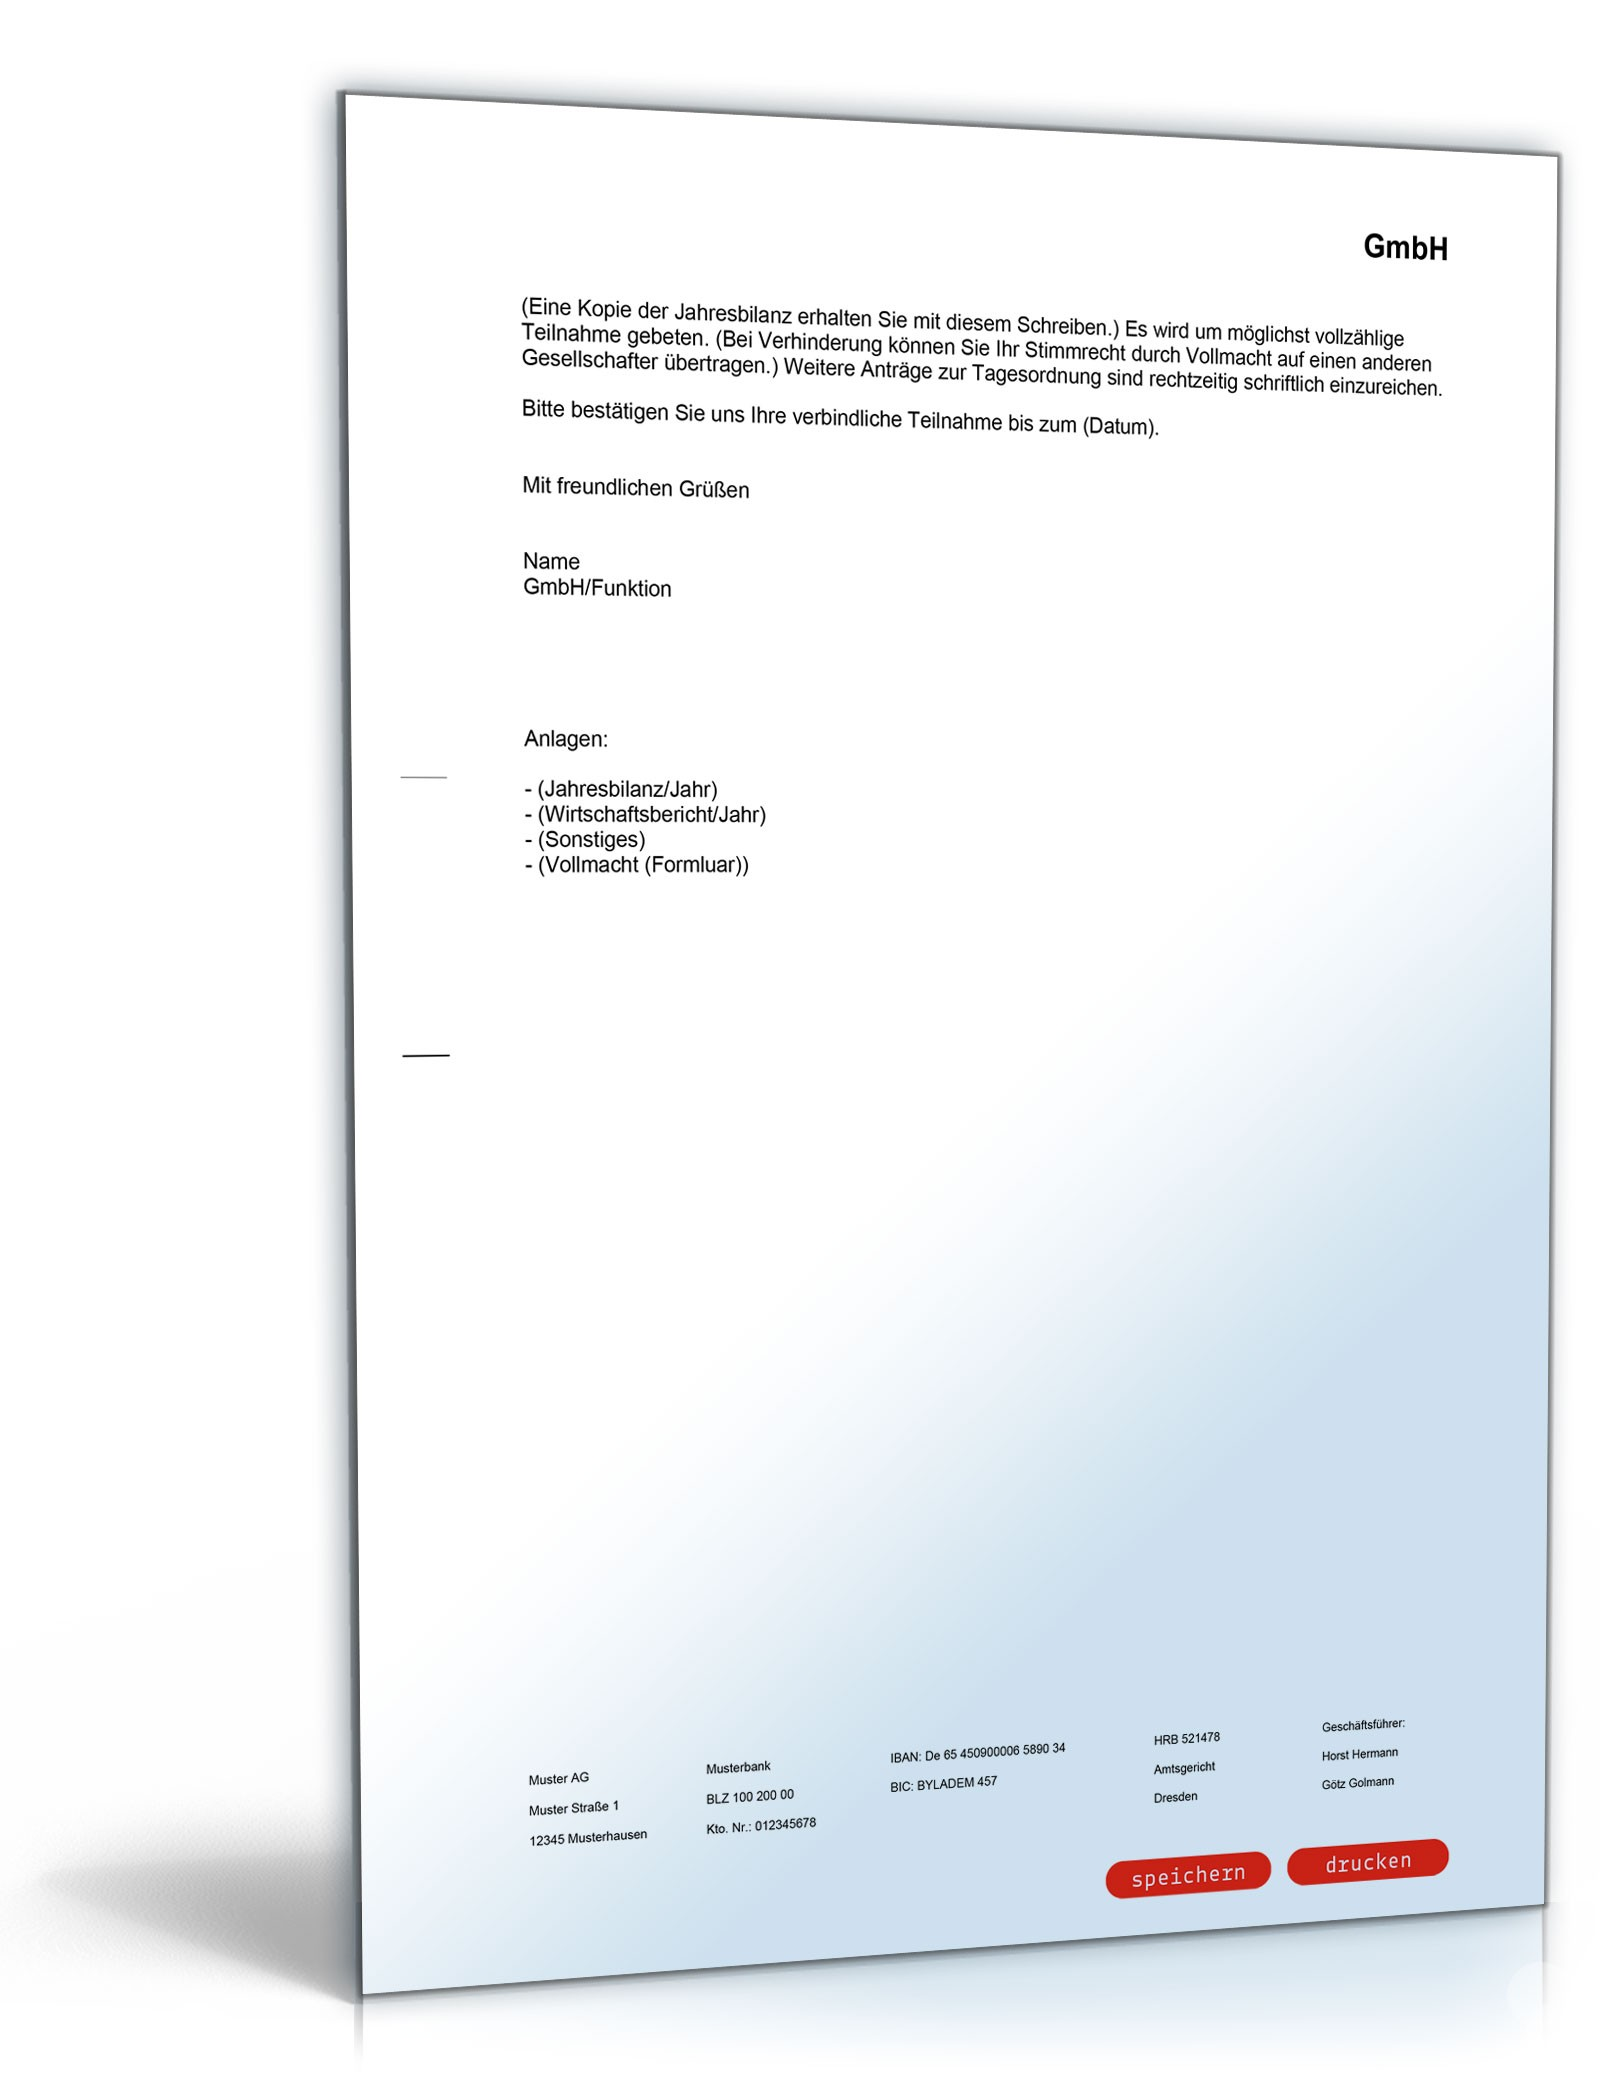 einladung ordentliche gesellschafterversammlung gmbh, Einladung